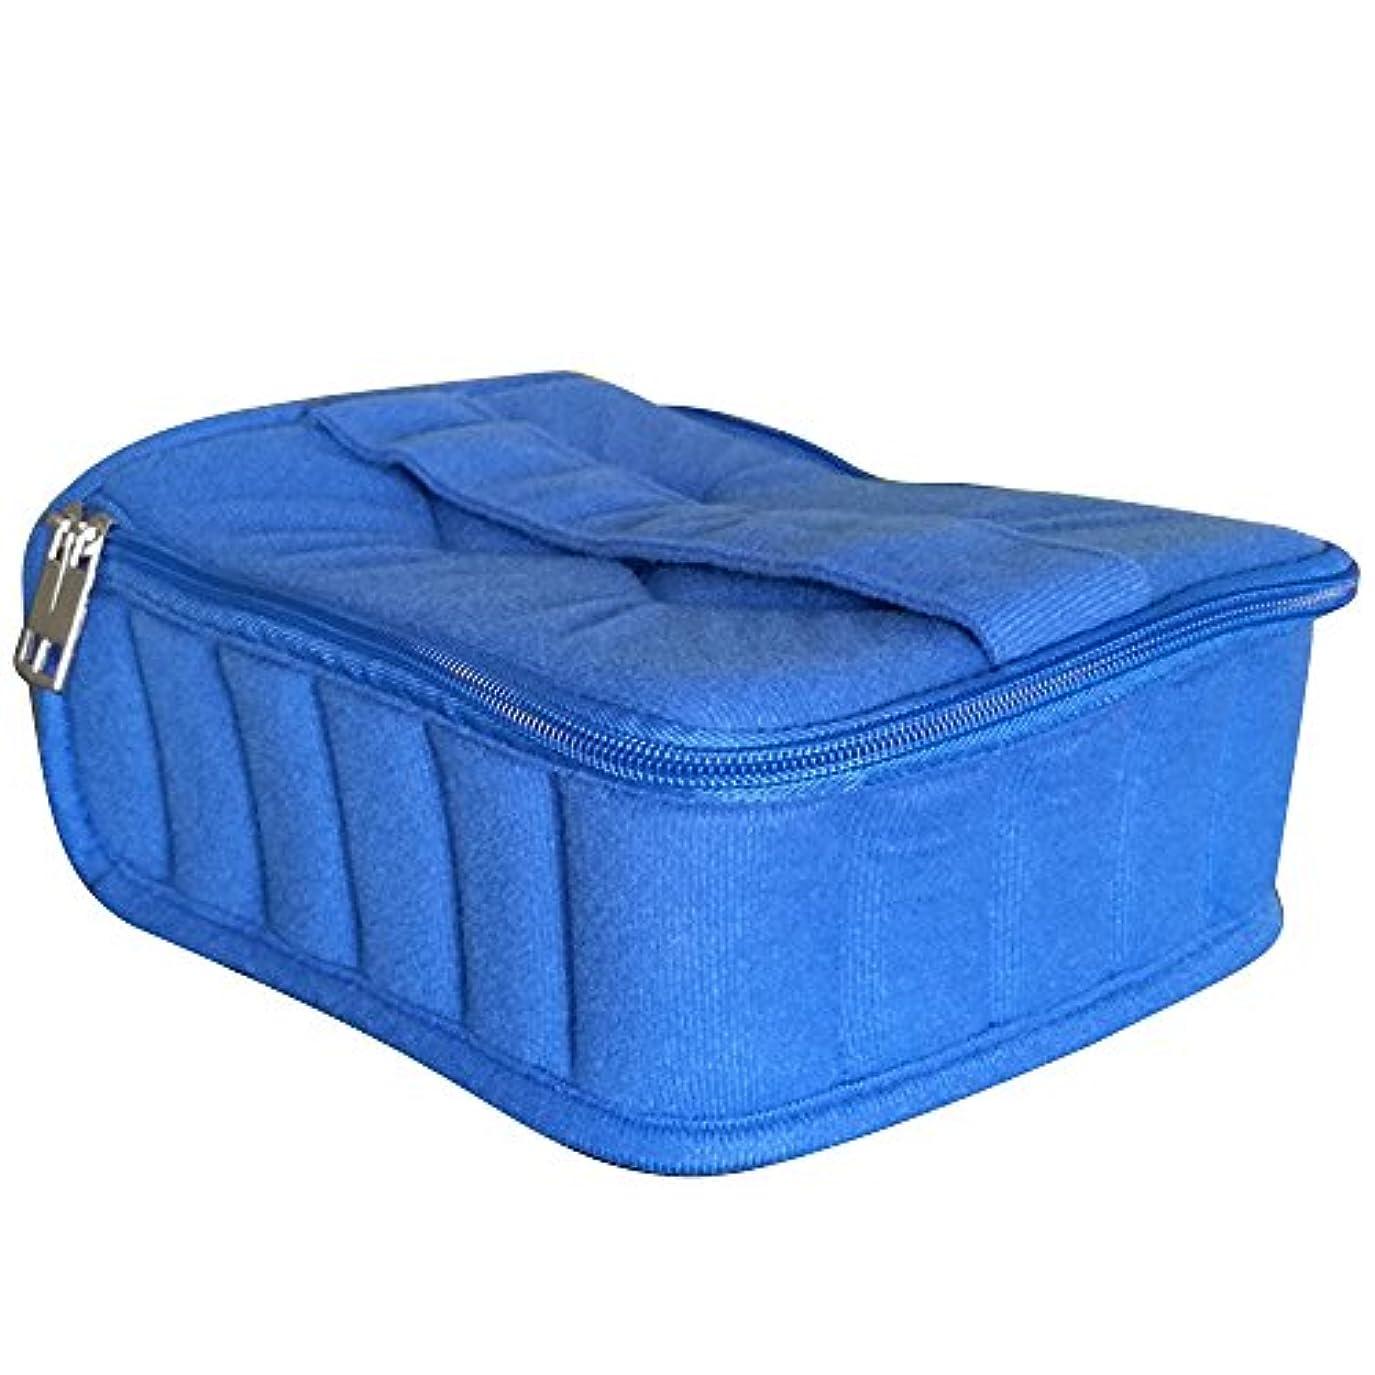 召喚する遊具パンダゴシレ Gosear 30 格子 ポータブル ショック抵抗力 本質 ストレージ 旅行 運ぶ ケース ホルダー バッグ ため 5 ml 10 ml 15 ml ボトル 青色